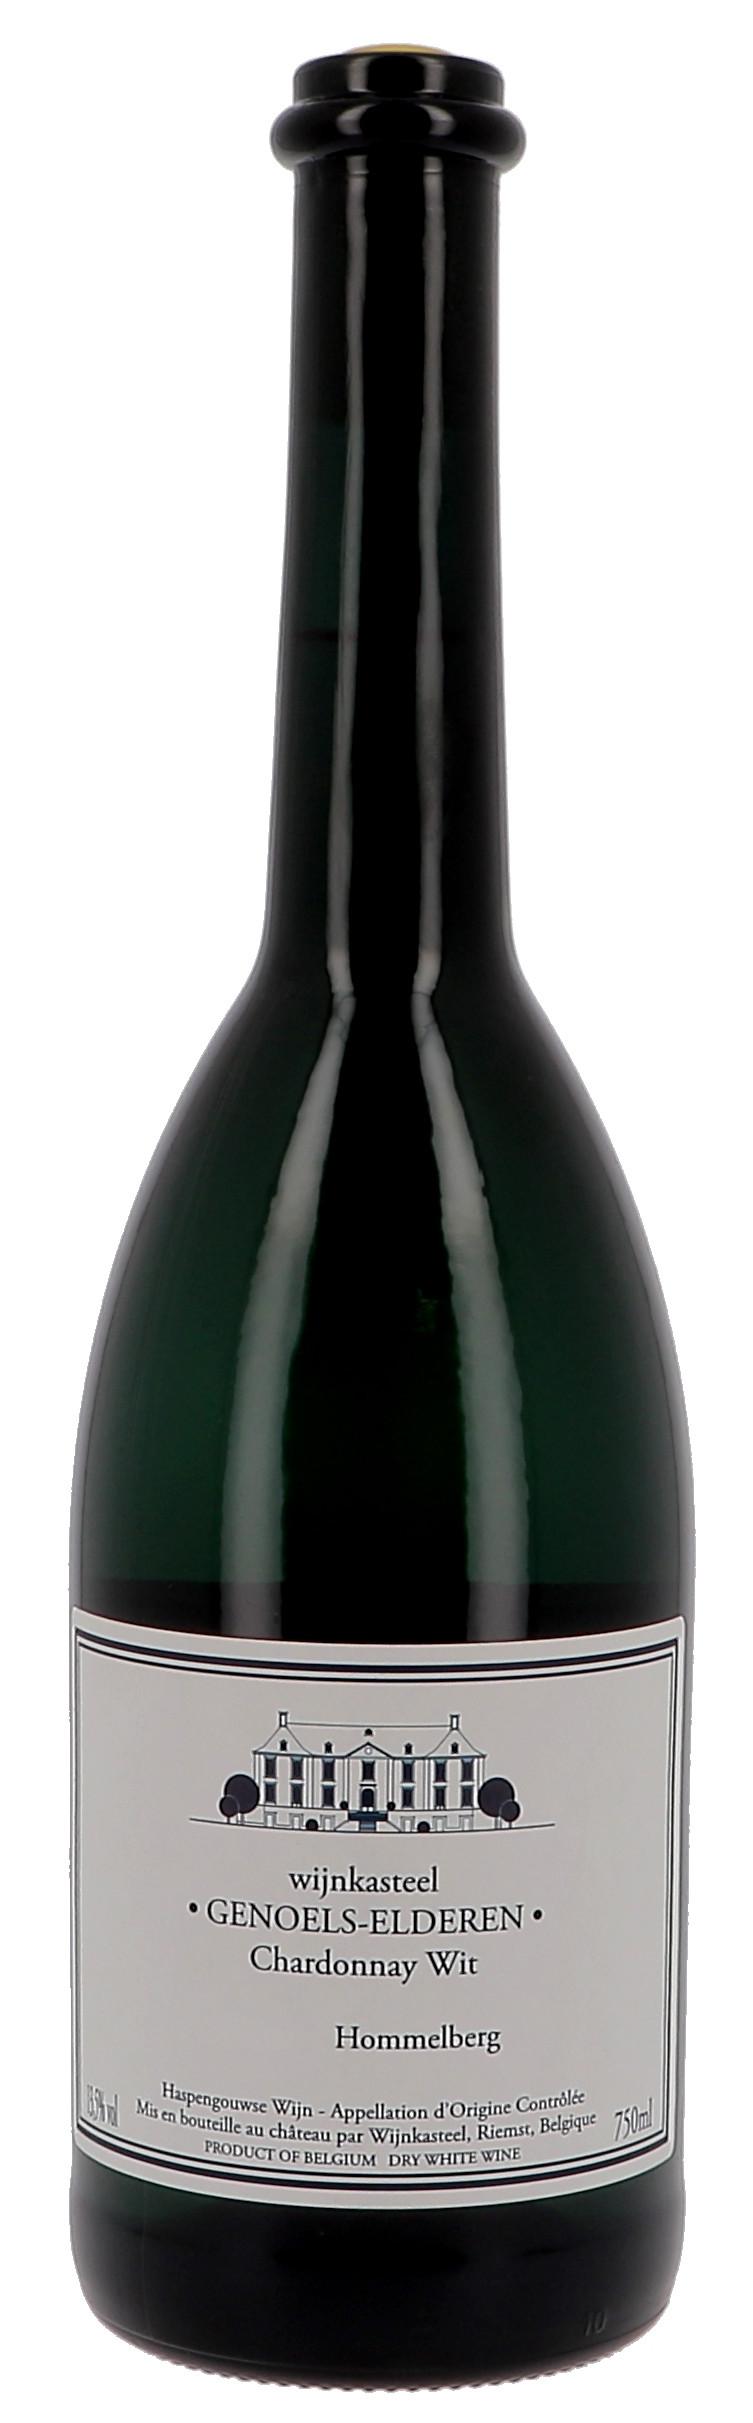 Chardonnay Wit 75cl Wijnkasteel Genoels-Elder1en